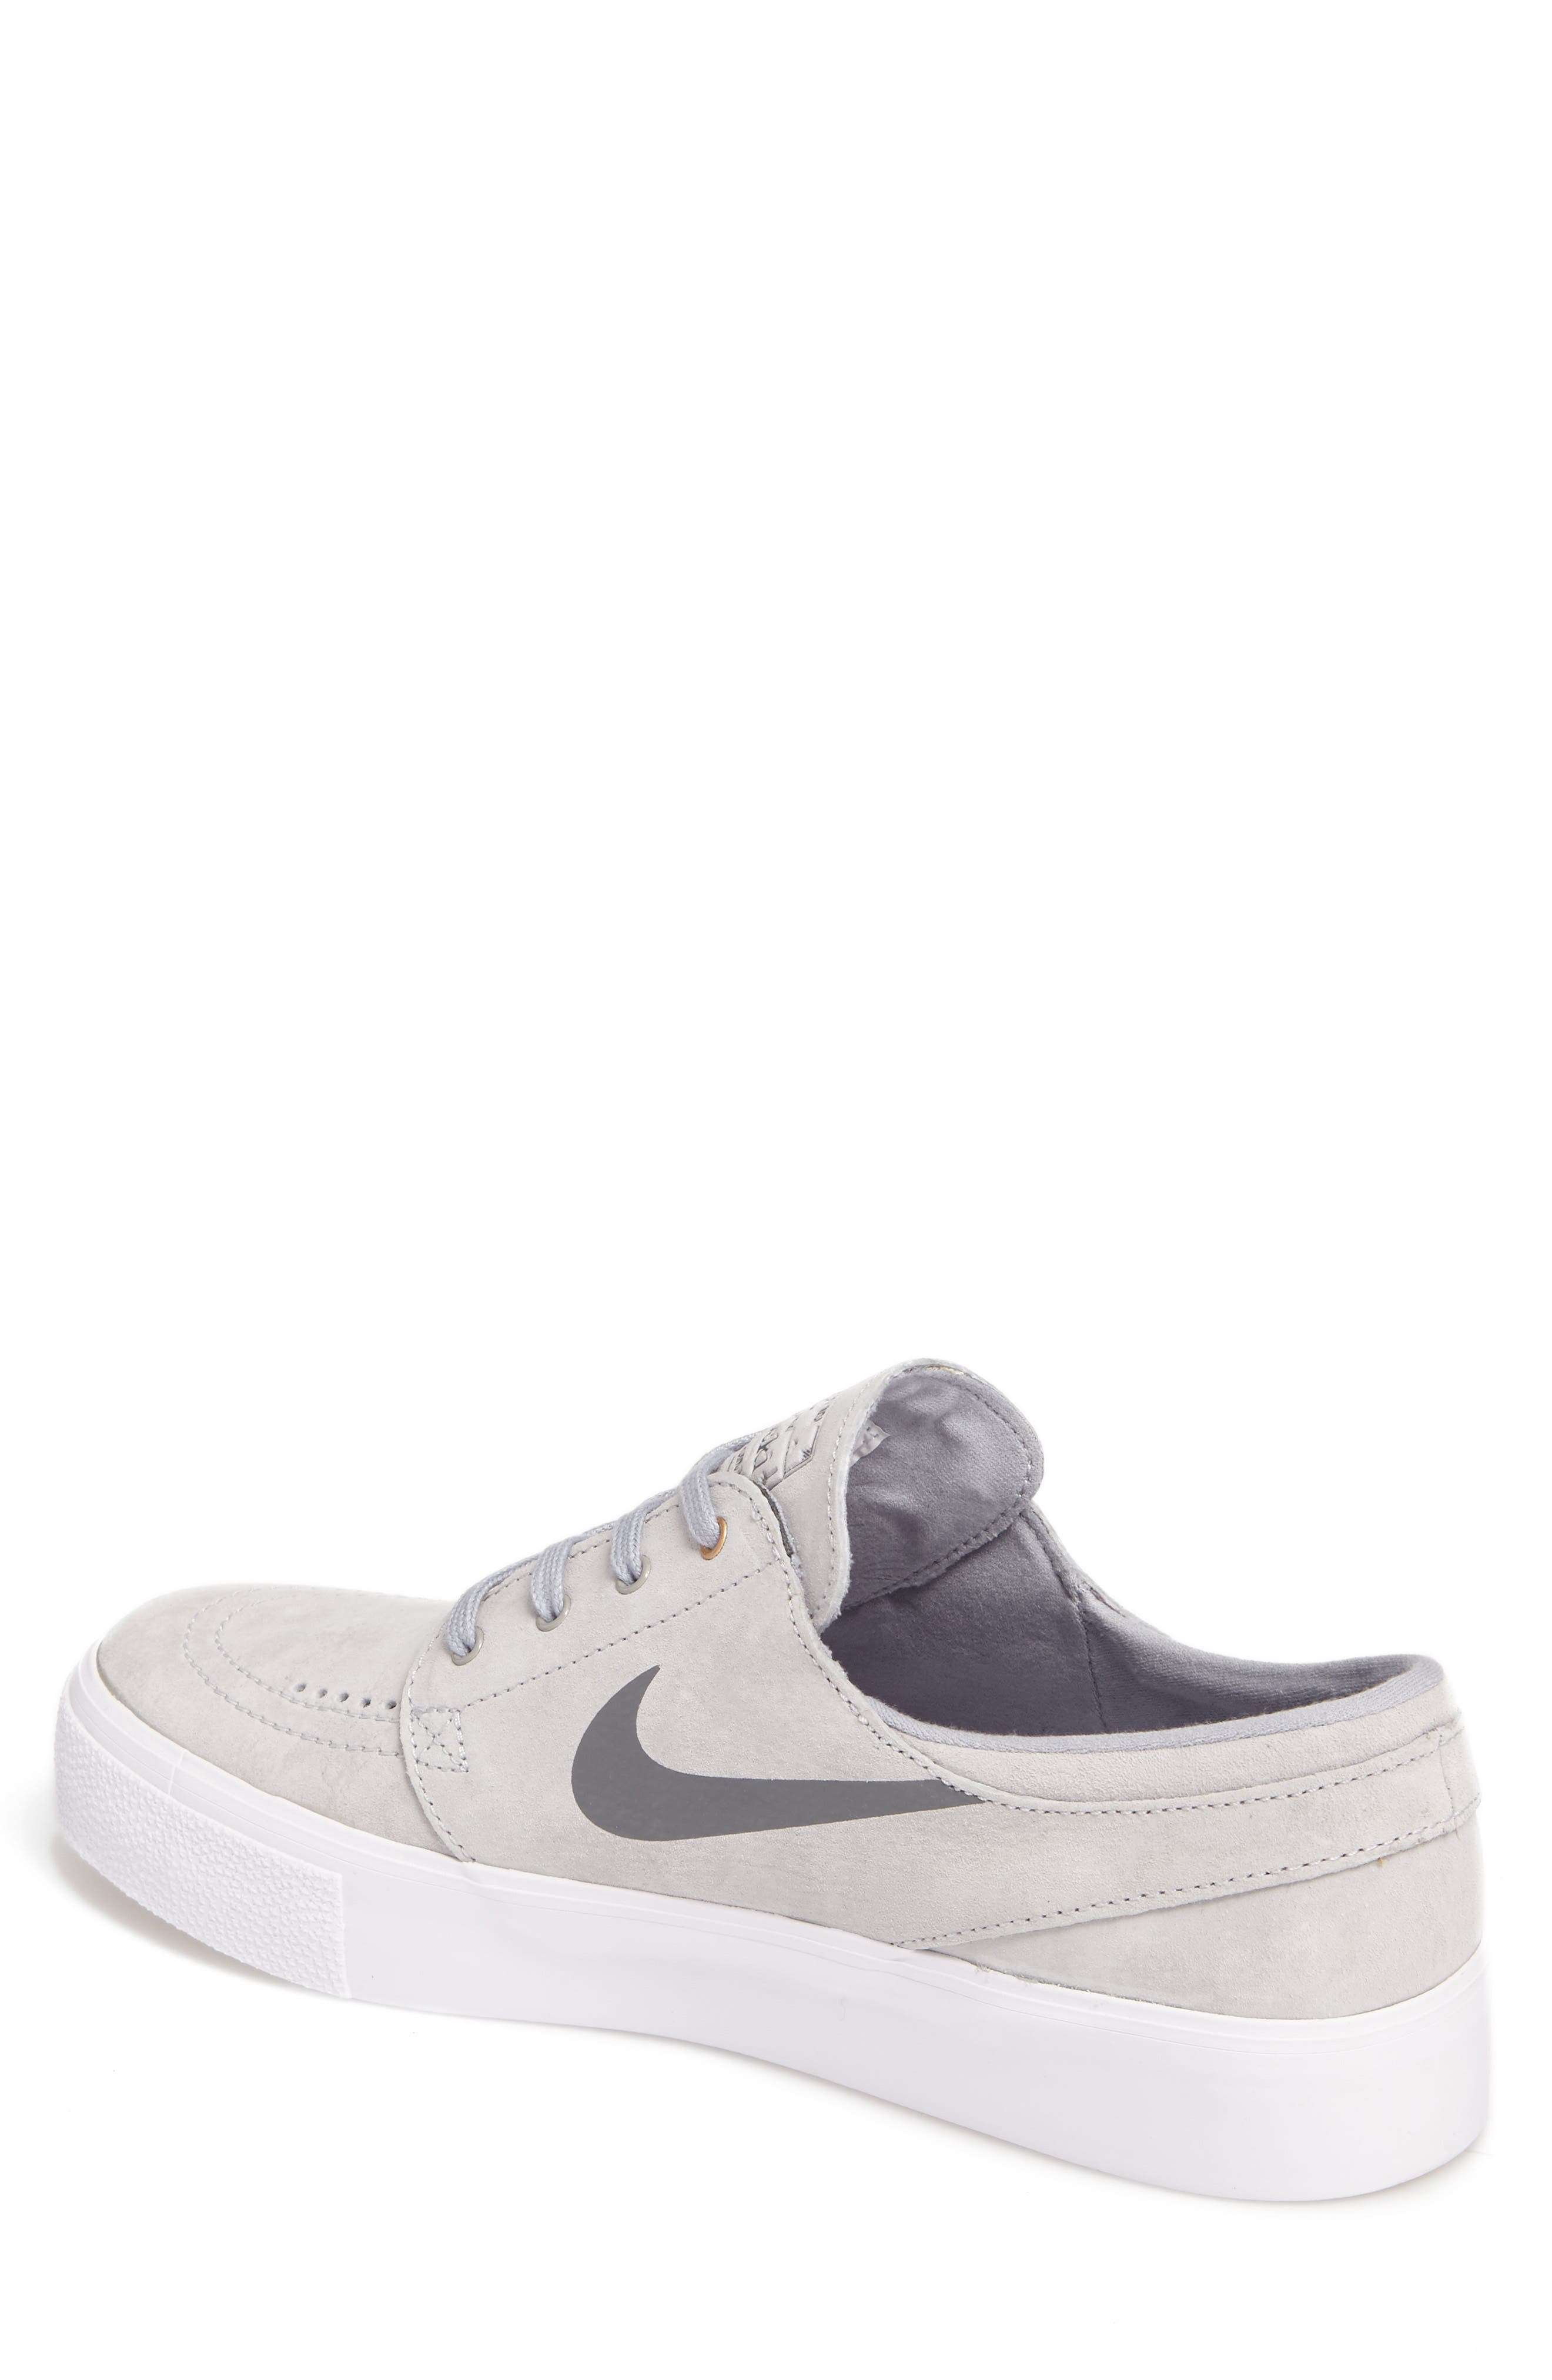 Alternate Image 2  - Nike Zoom Stefan Janoski Premium Skate Sneaker (Men)